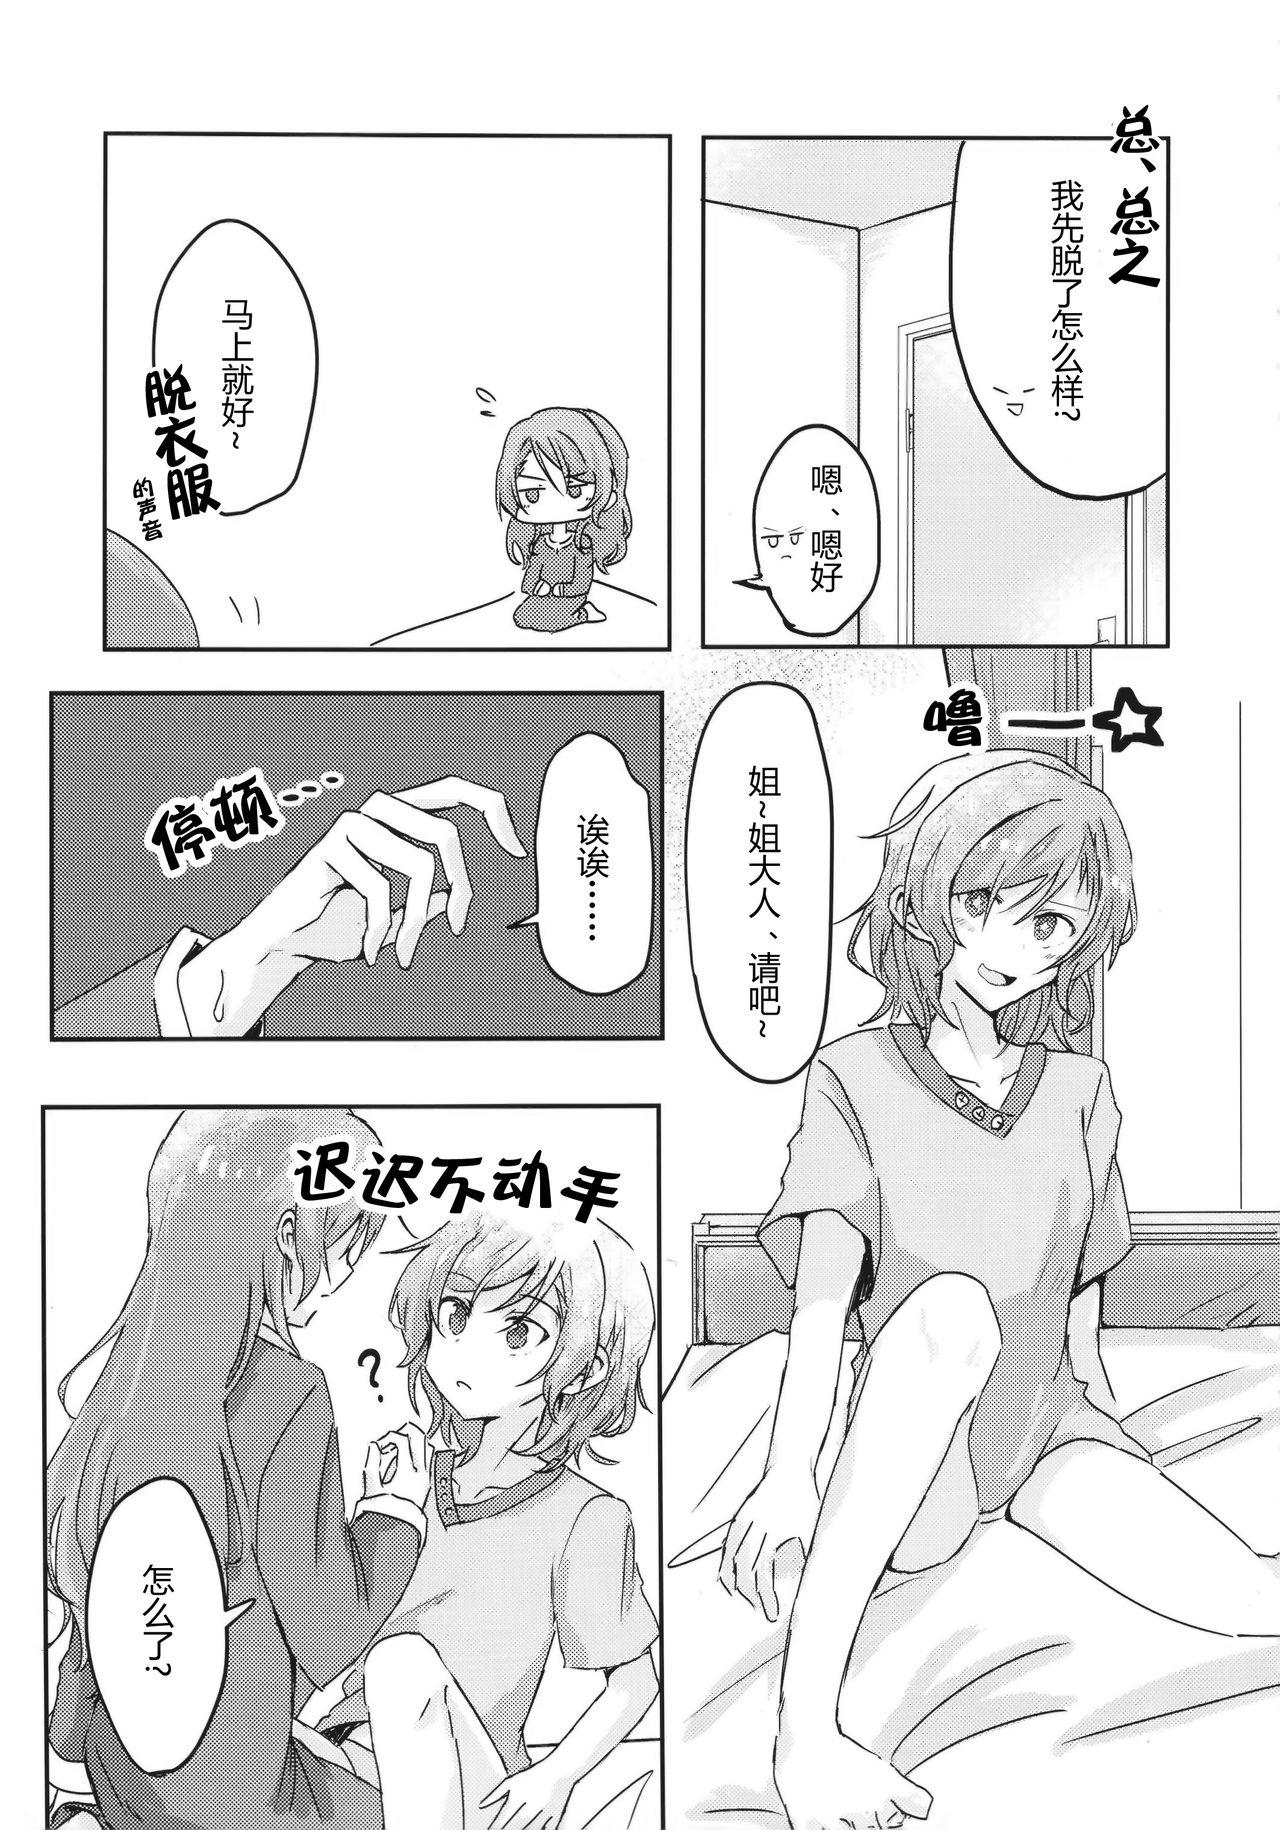 氷川姉妹18禁合同「今日は一緒に寝てもいい?」 10